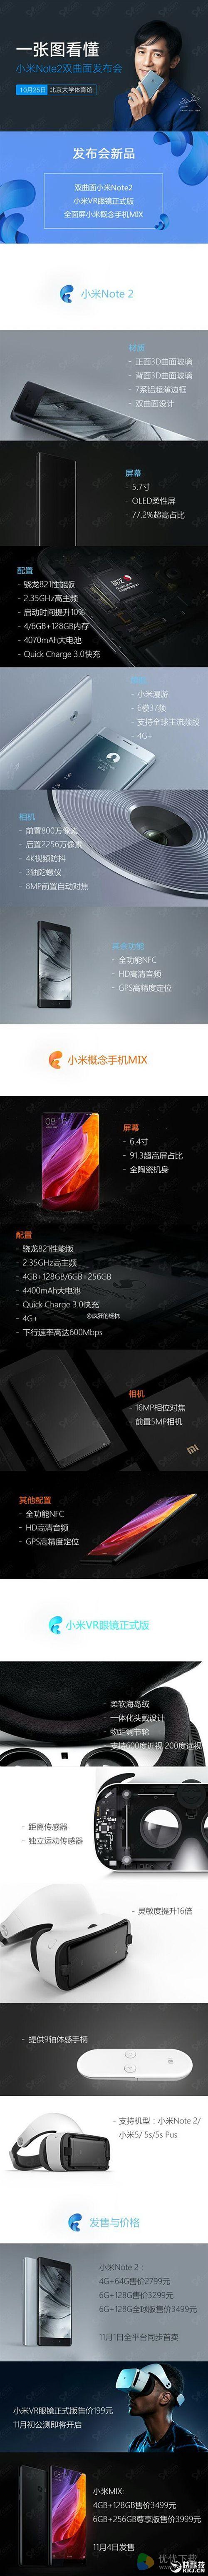 小米Note 2、小米MIX发布 从内到外亮点多2